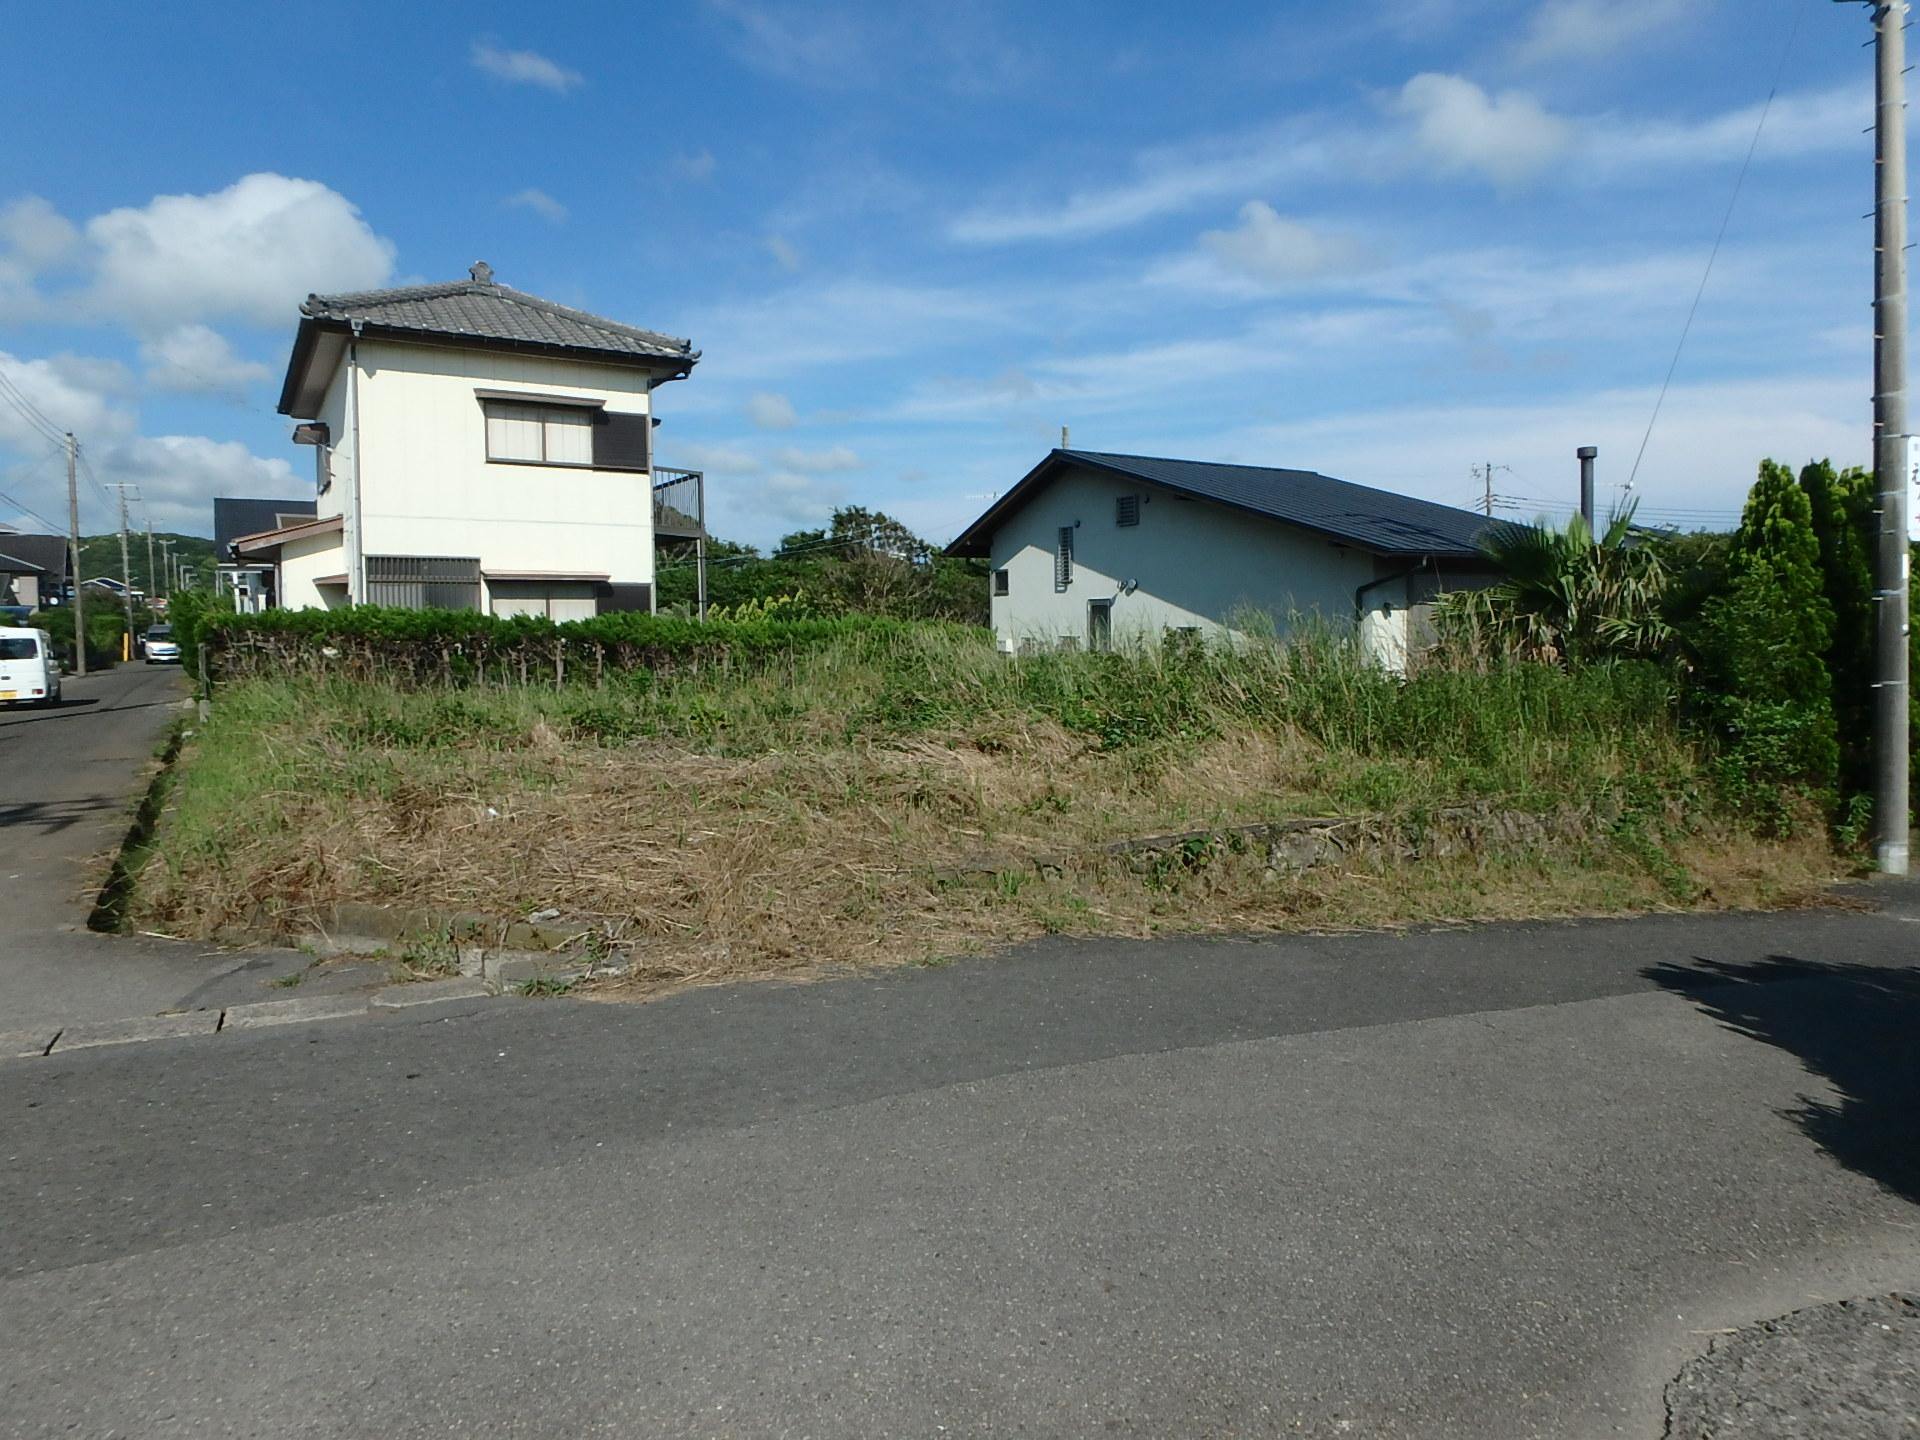 千葉県館山市佐野、平砂浦の土地、別荘用地、ご商談中